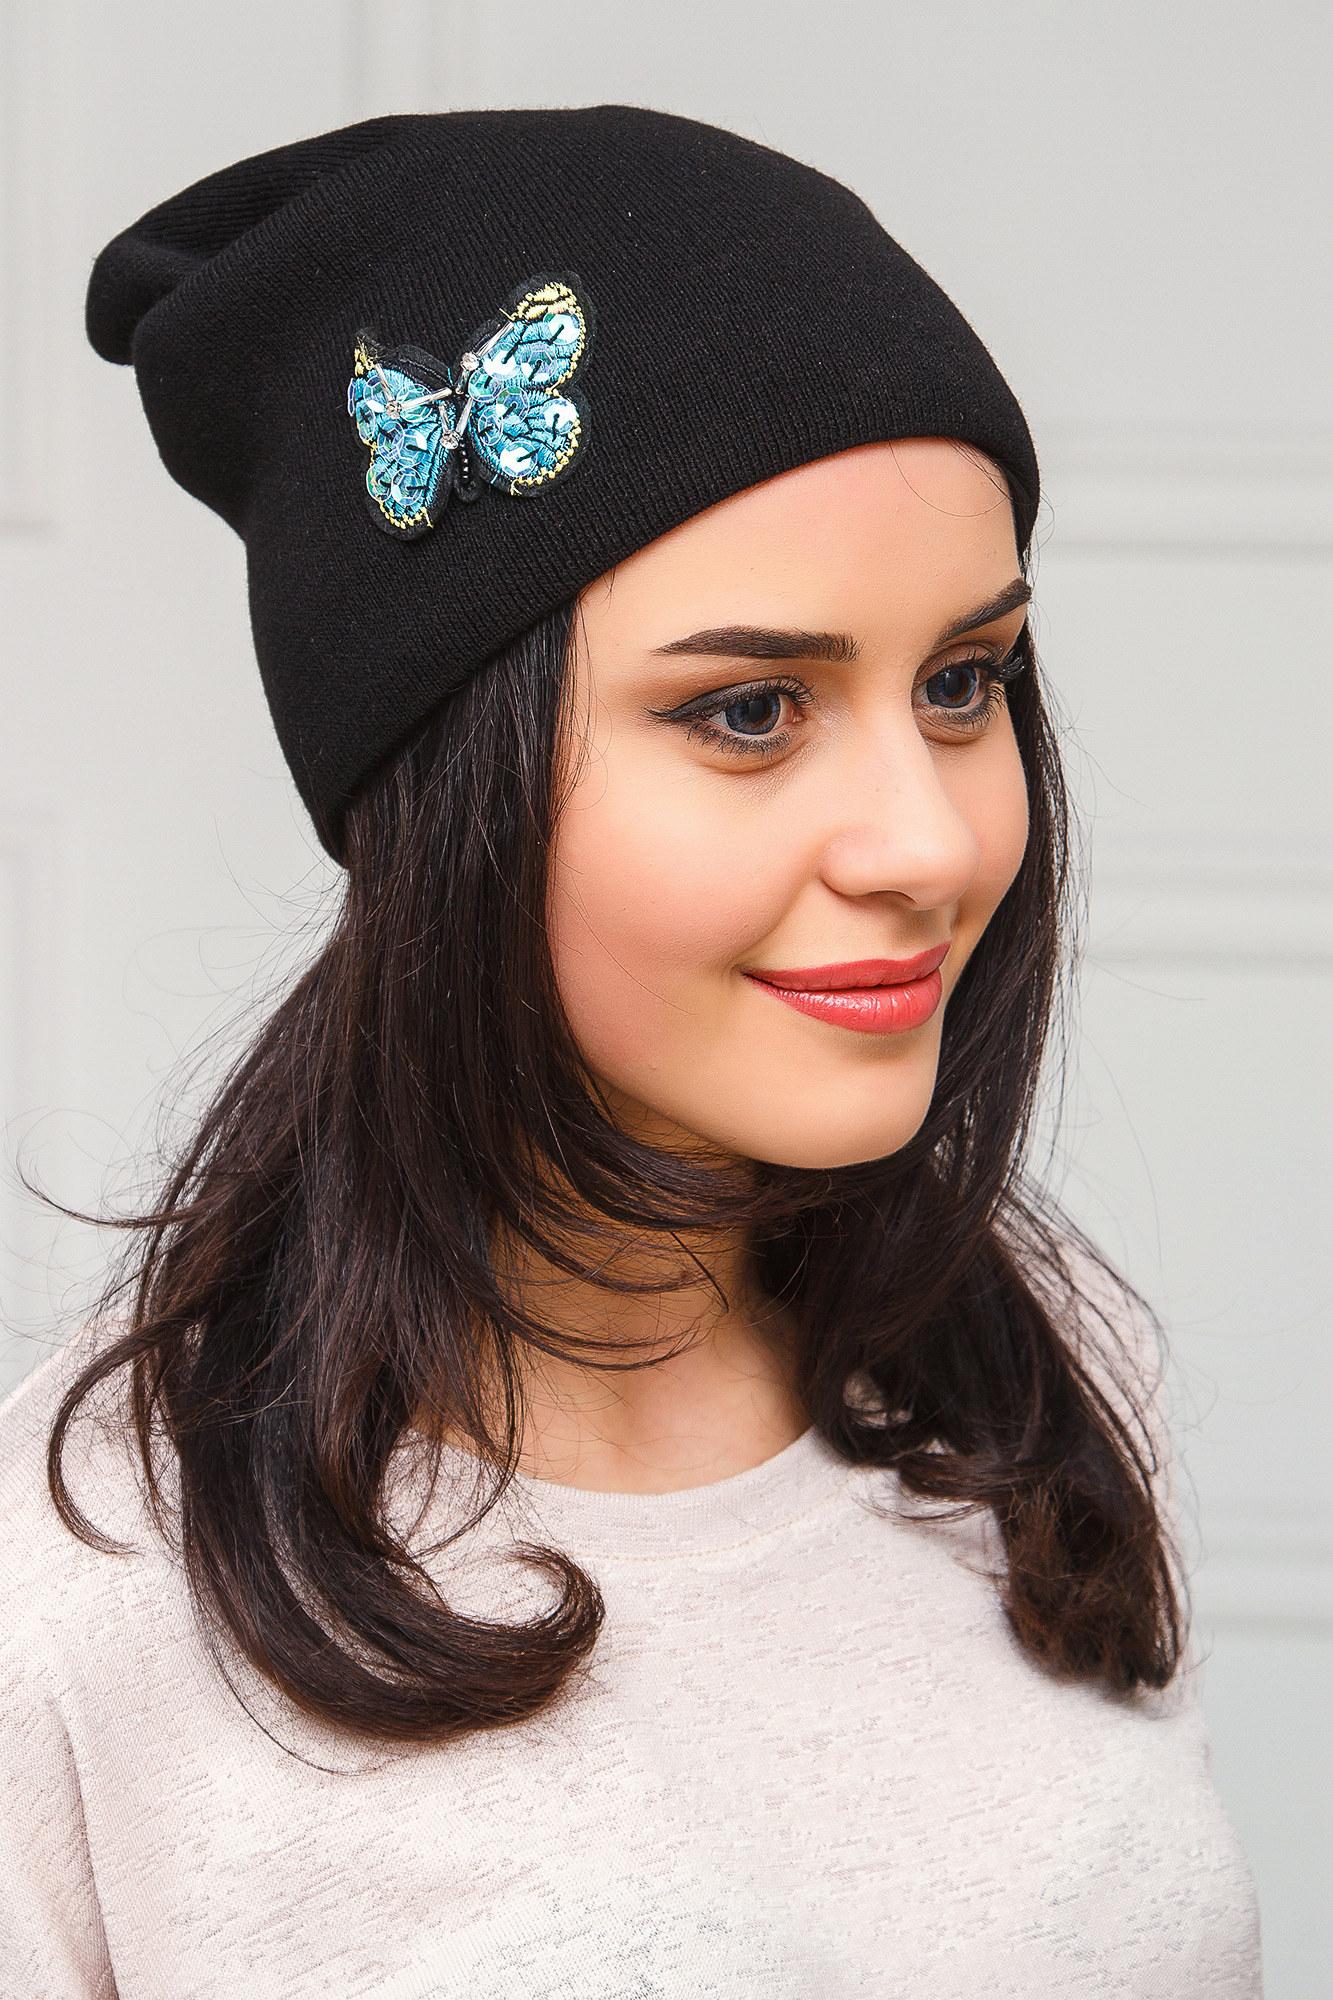 шапка бини с бабочкой фото